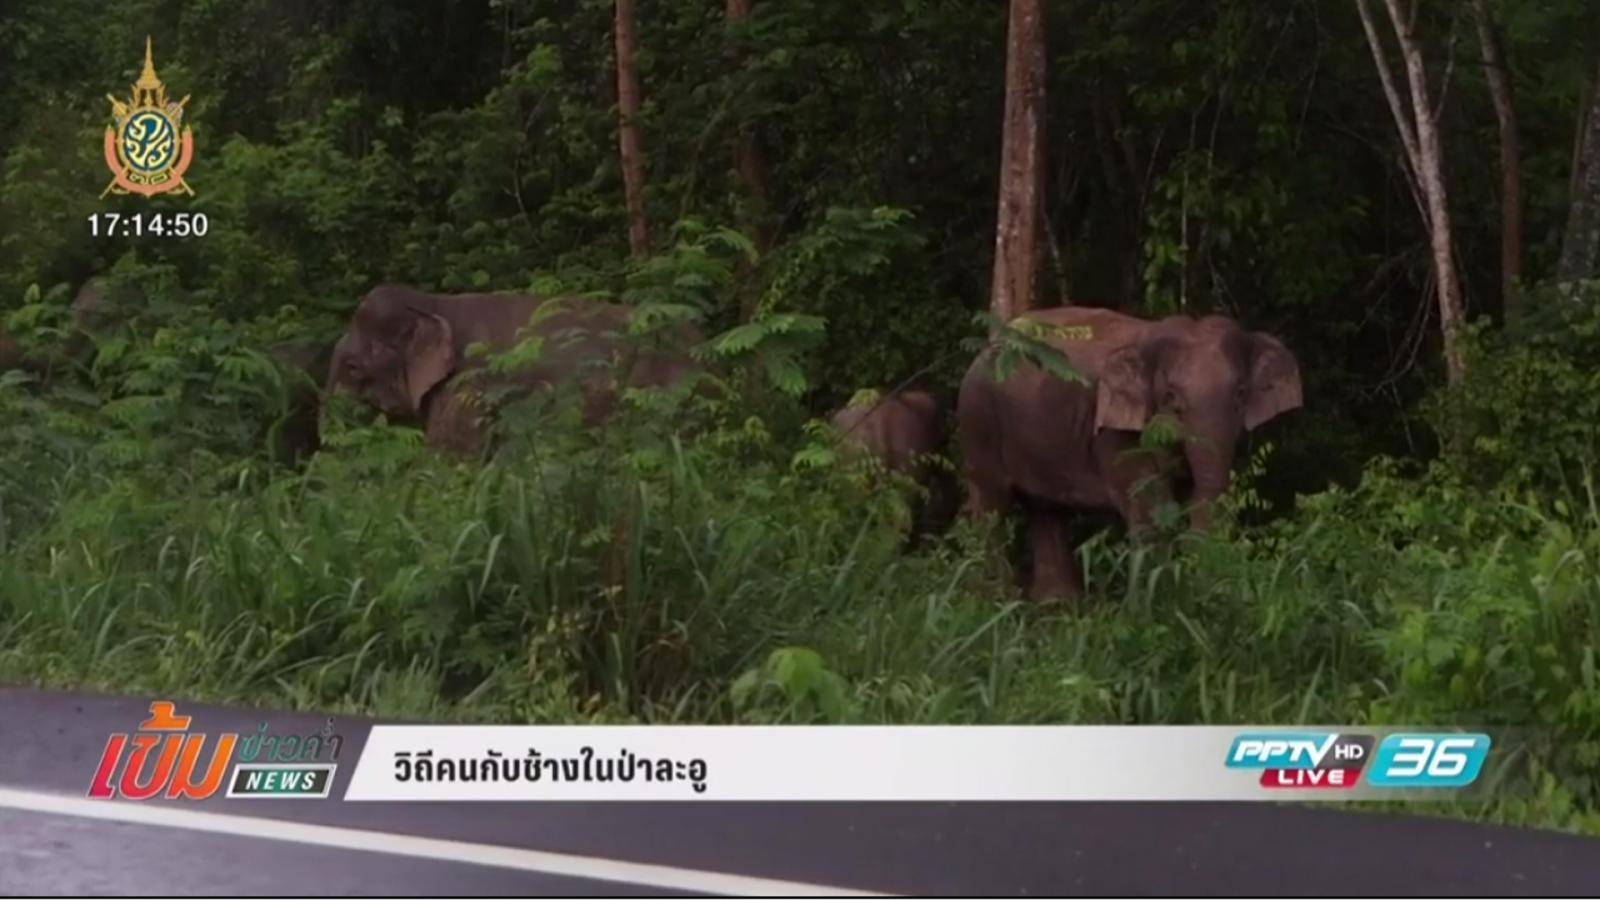 วิถีคนกับช้างในป่าละอู